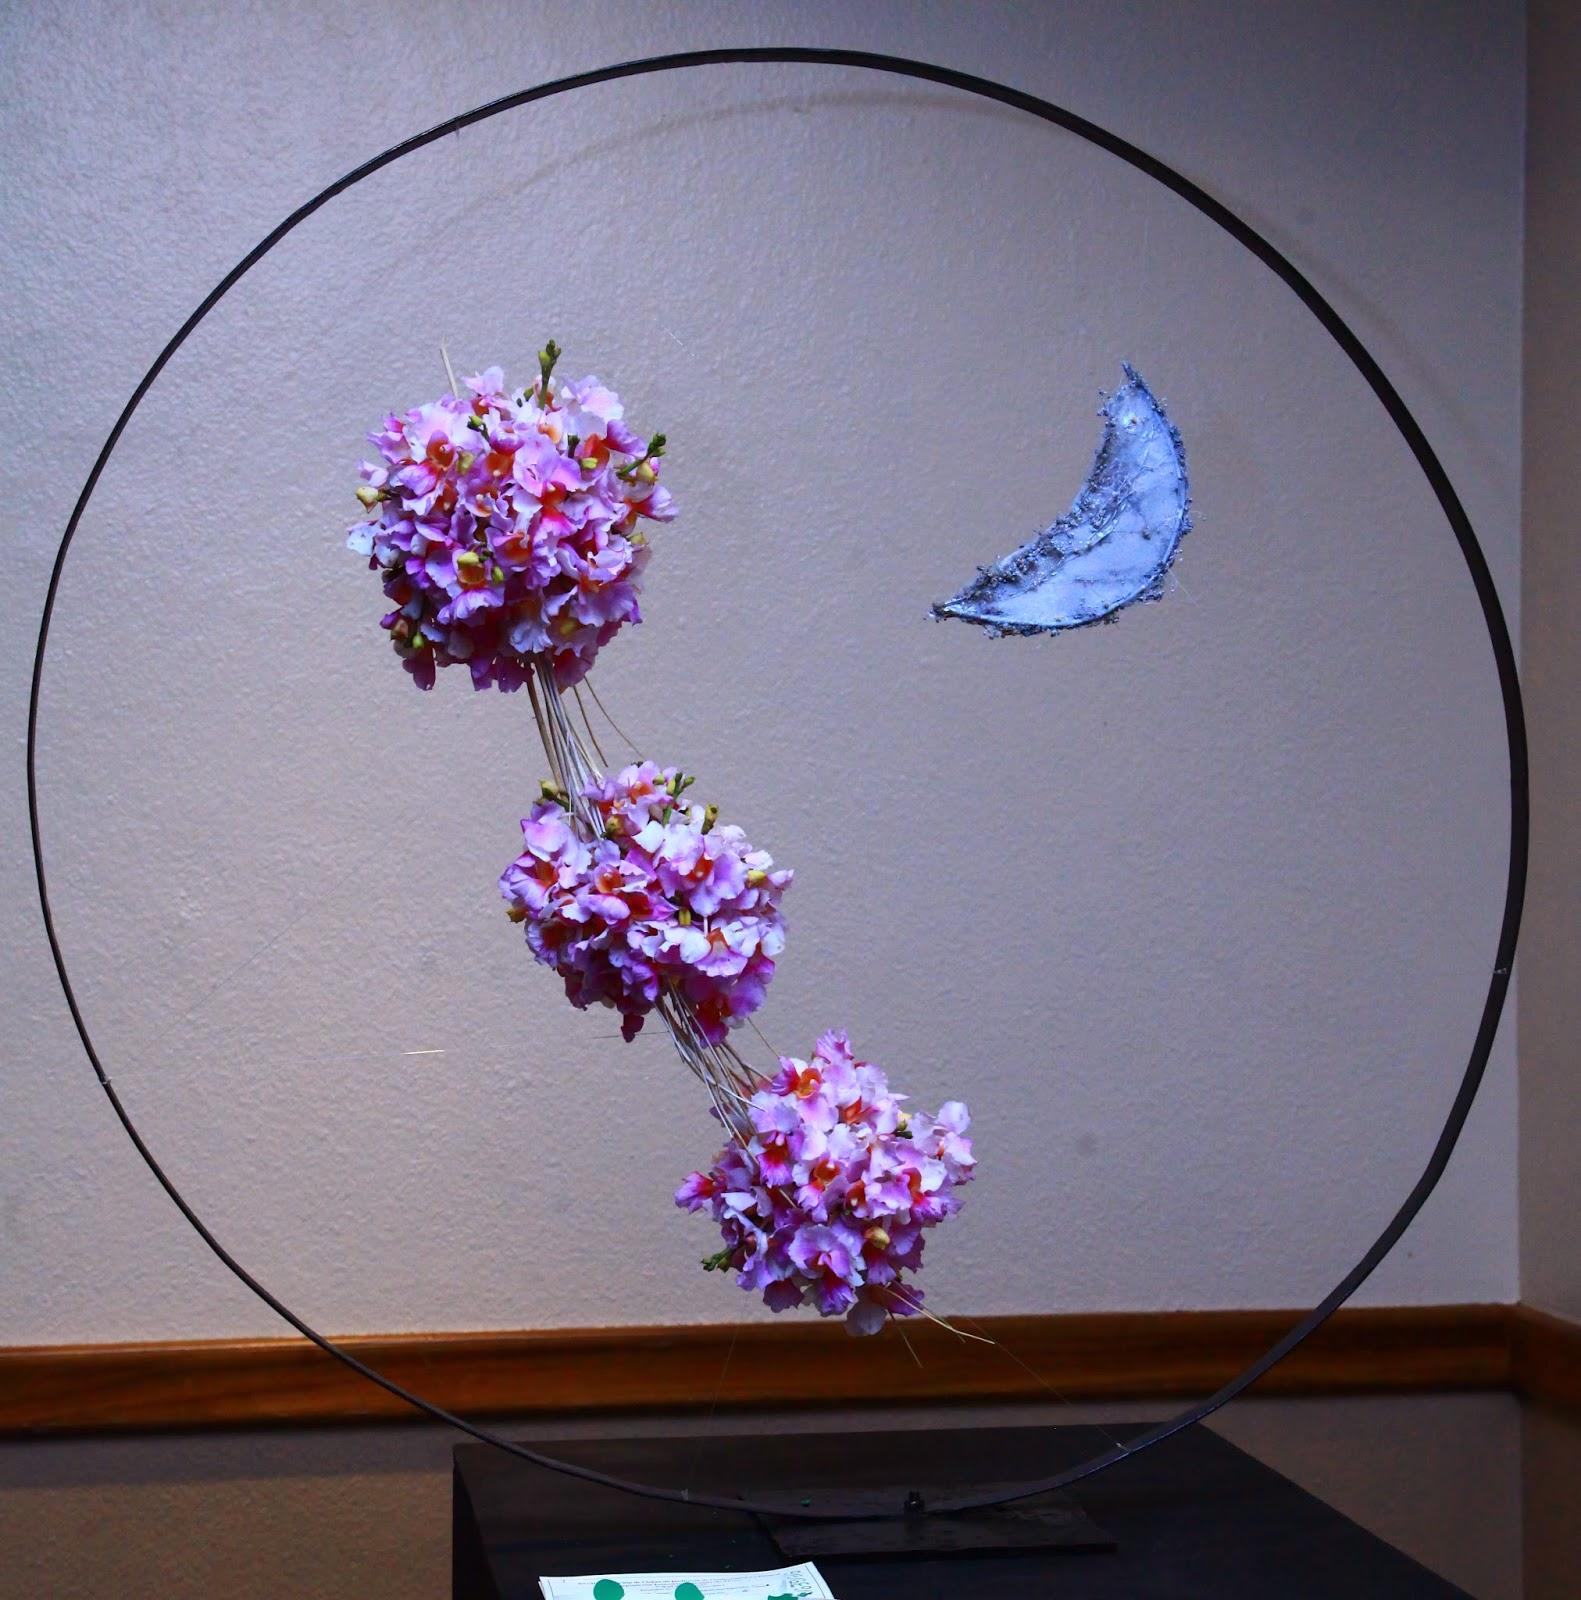 Arreglos florales creativos dise o espacial enmarcado - Arreglos florales creativos ...